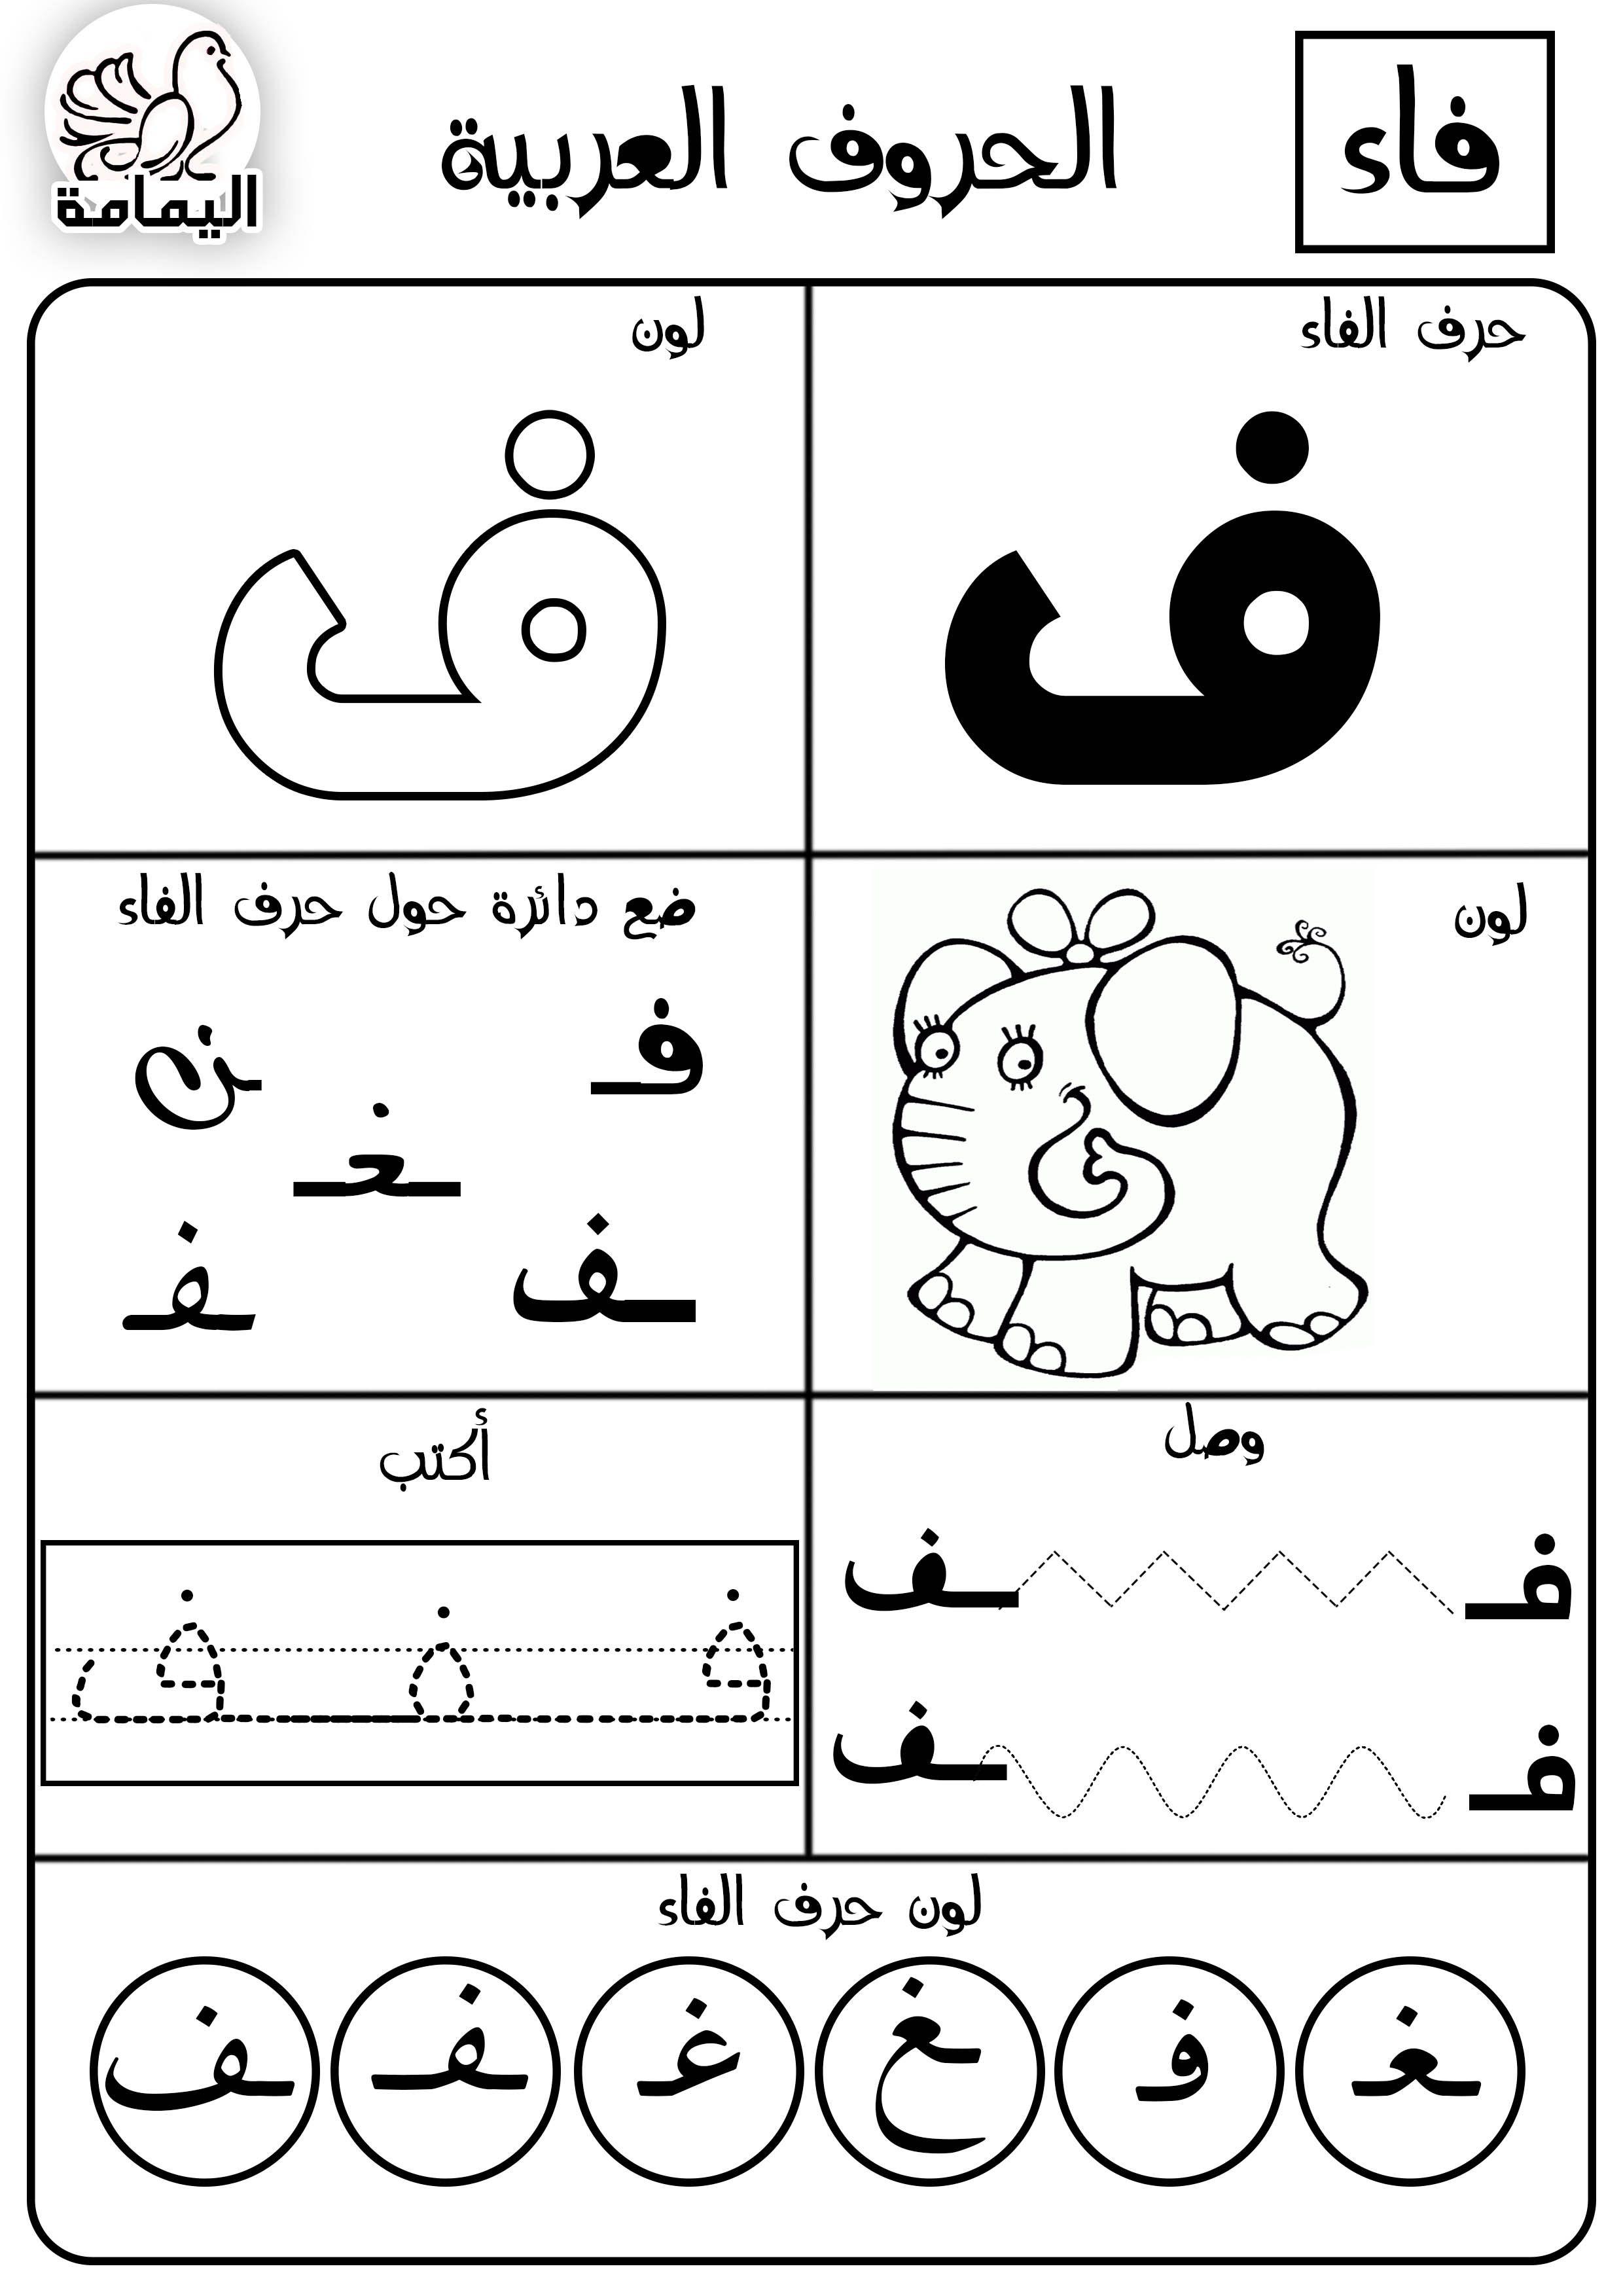 باء استراتيجيات تعليم أطفال أطفال الروضة روضتي مدرسة حروف عربي ألعاب عمل فني أطفال تعليم قراءة Arabic Alphabet Arabic Alphabet Letters Arabic Kids